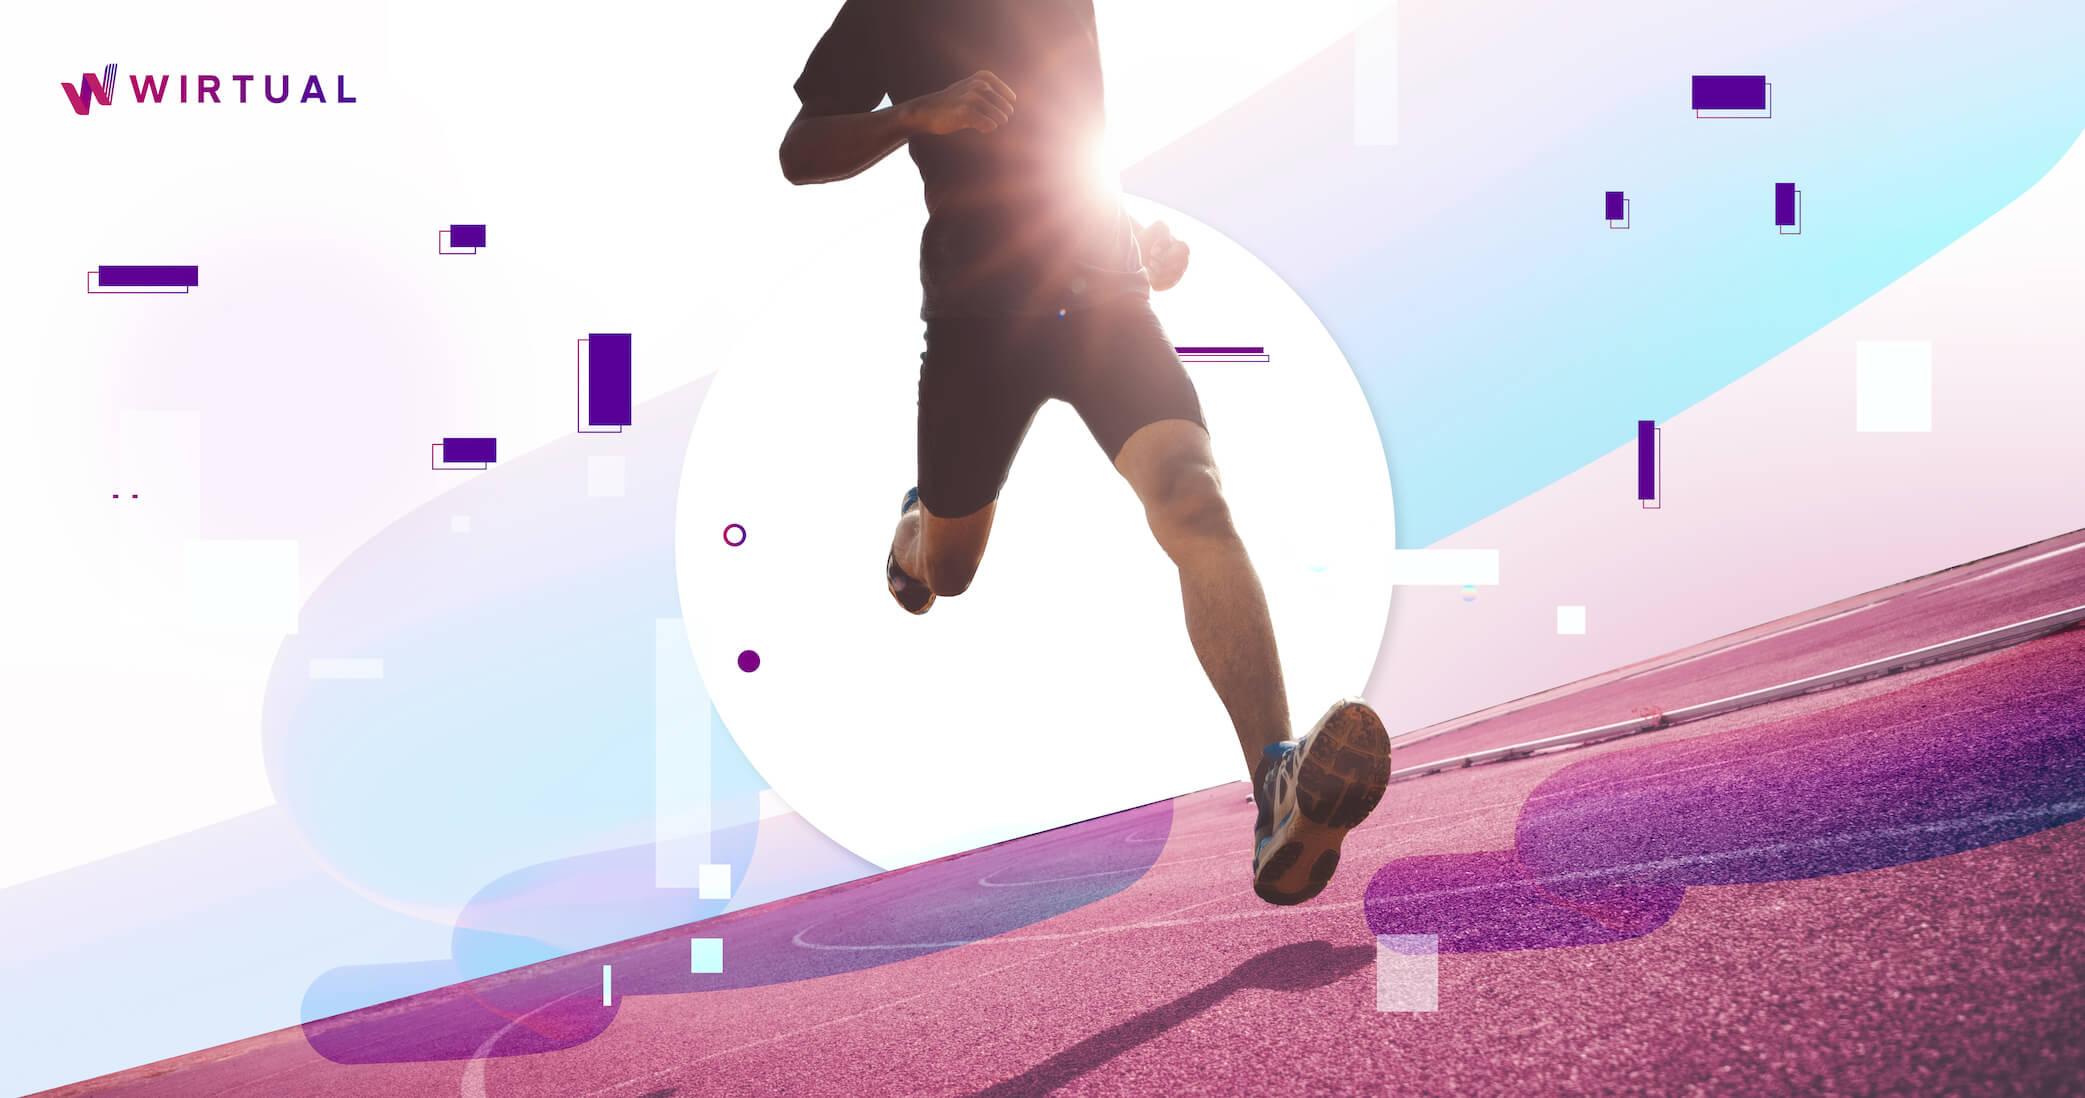 การฝึกวิ่ง Endurance เพื่อเพิ่มความทนทานในการวิ่ง